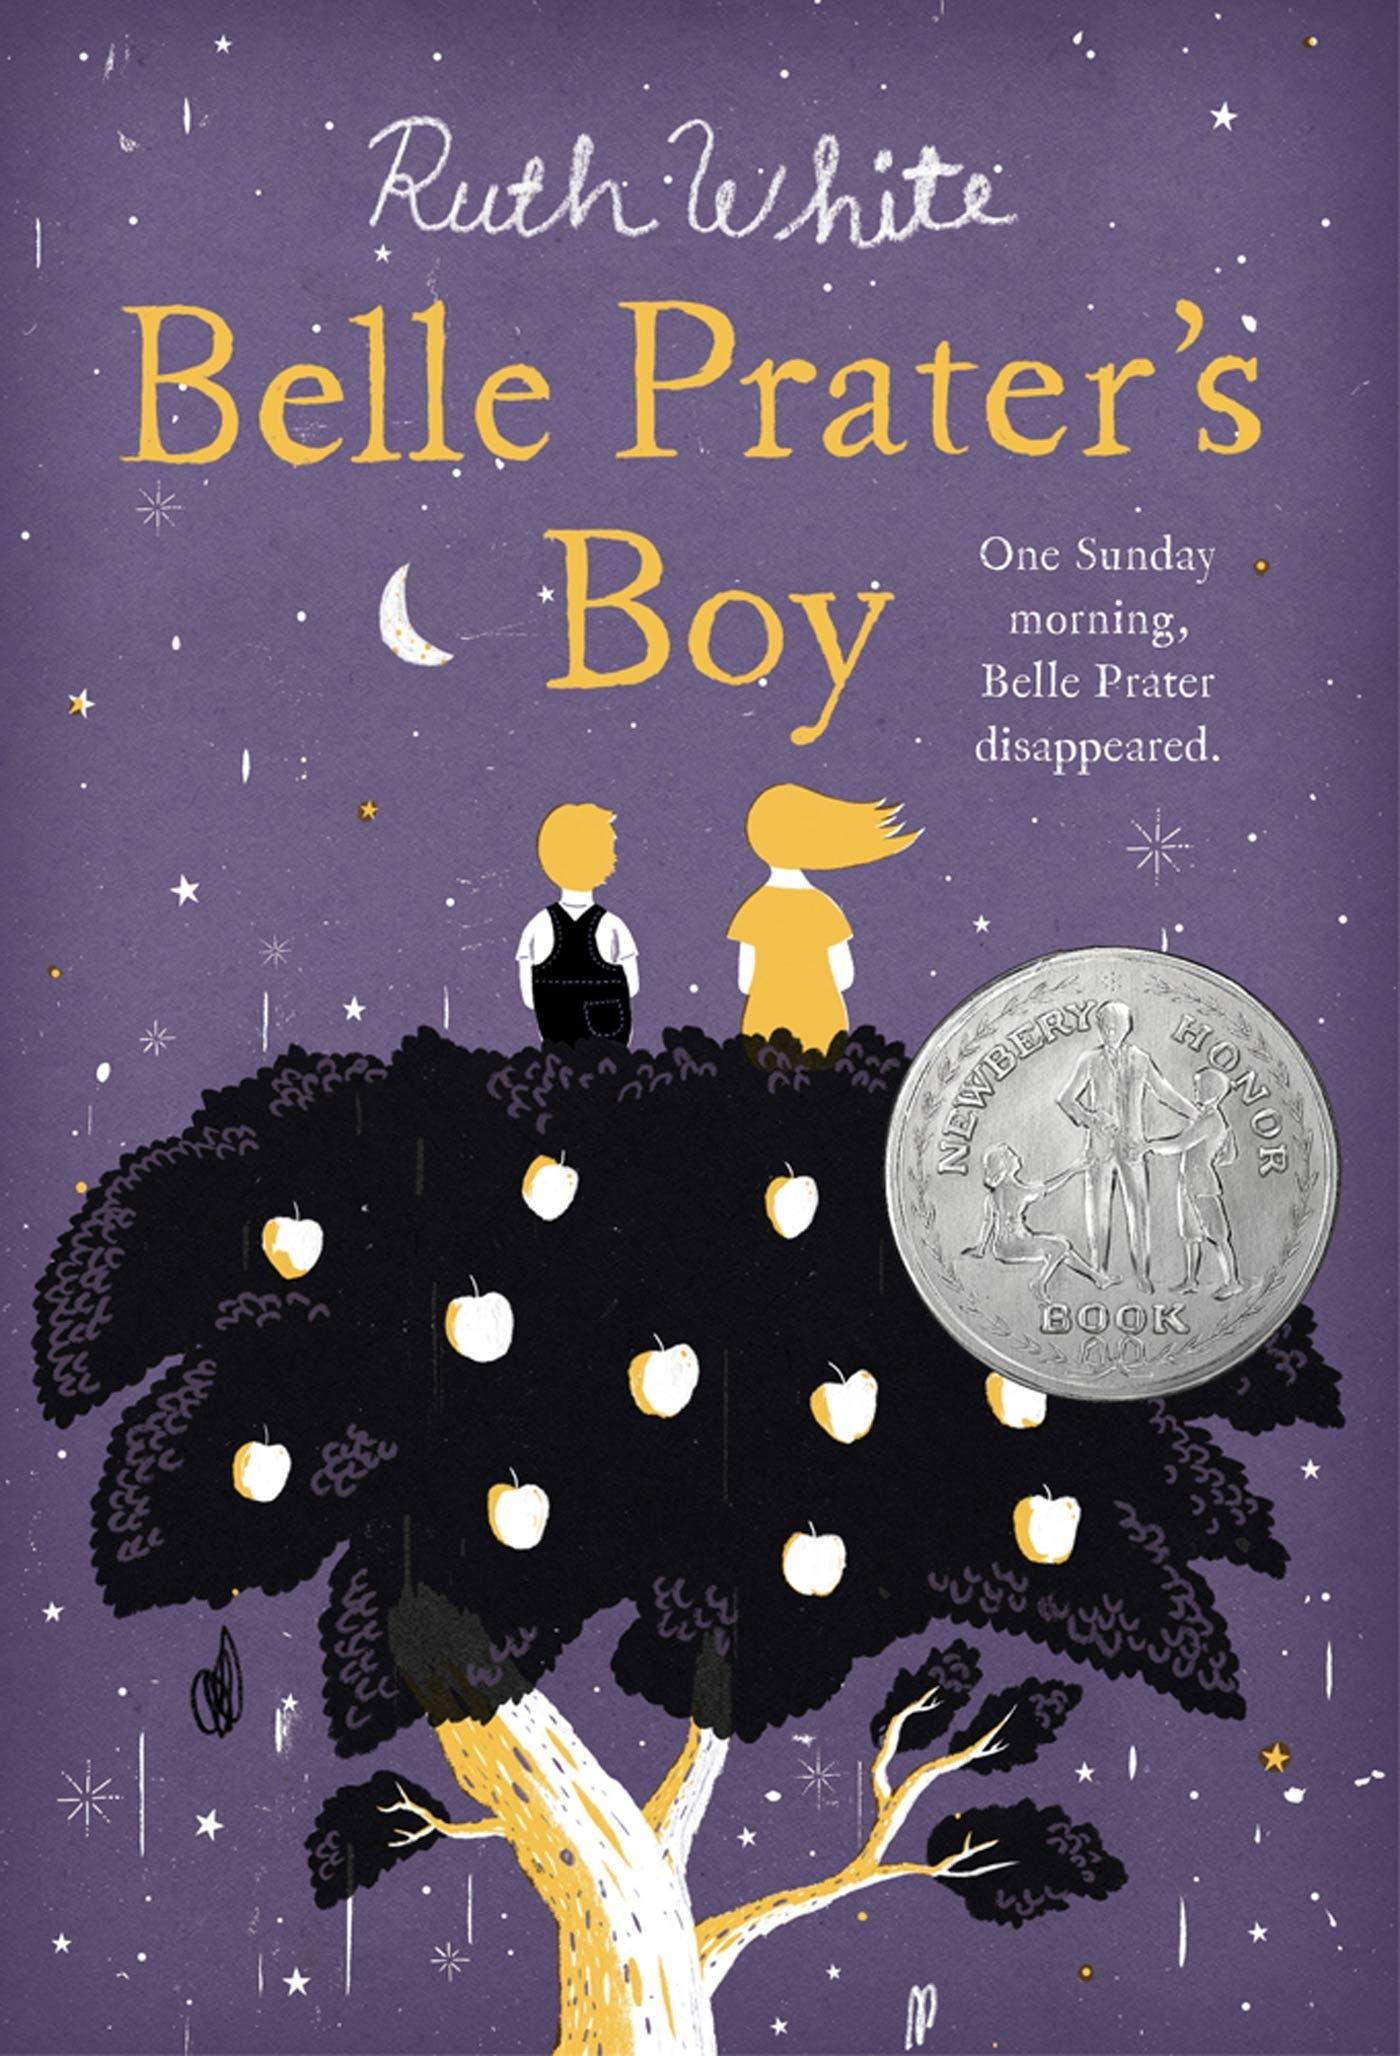 Image of Belle Prater's Boy